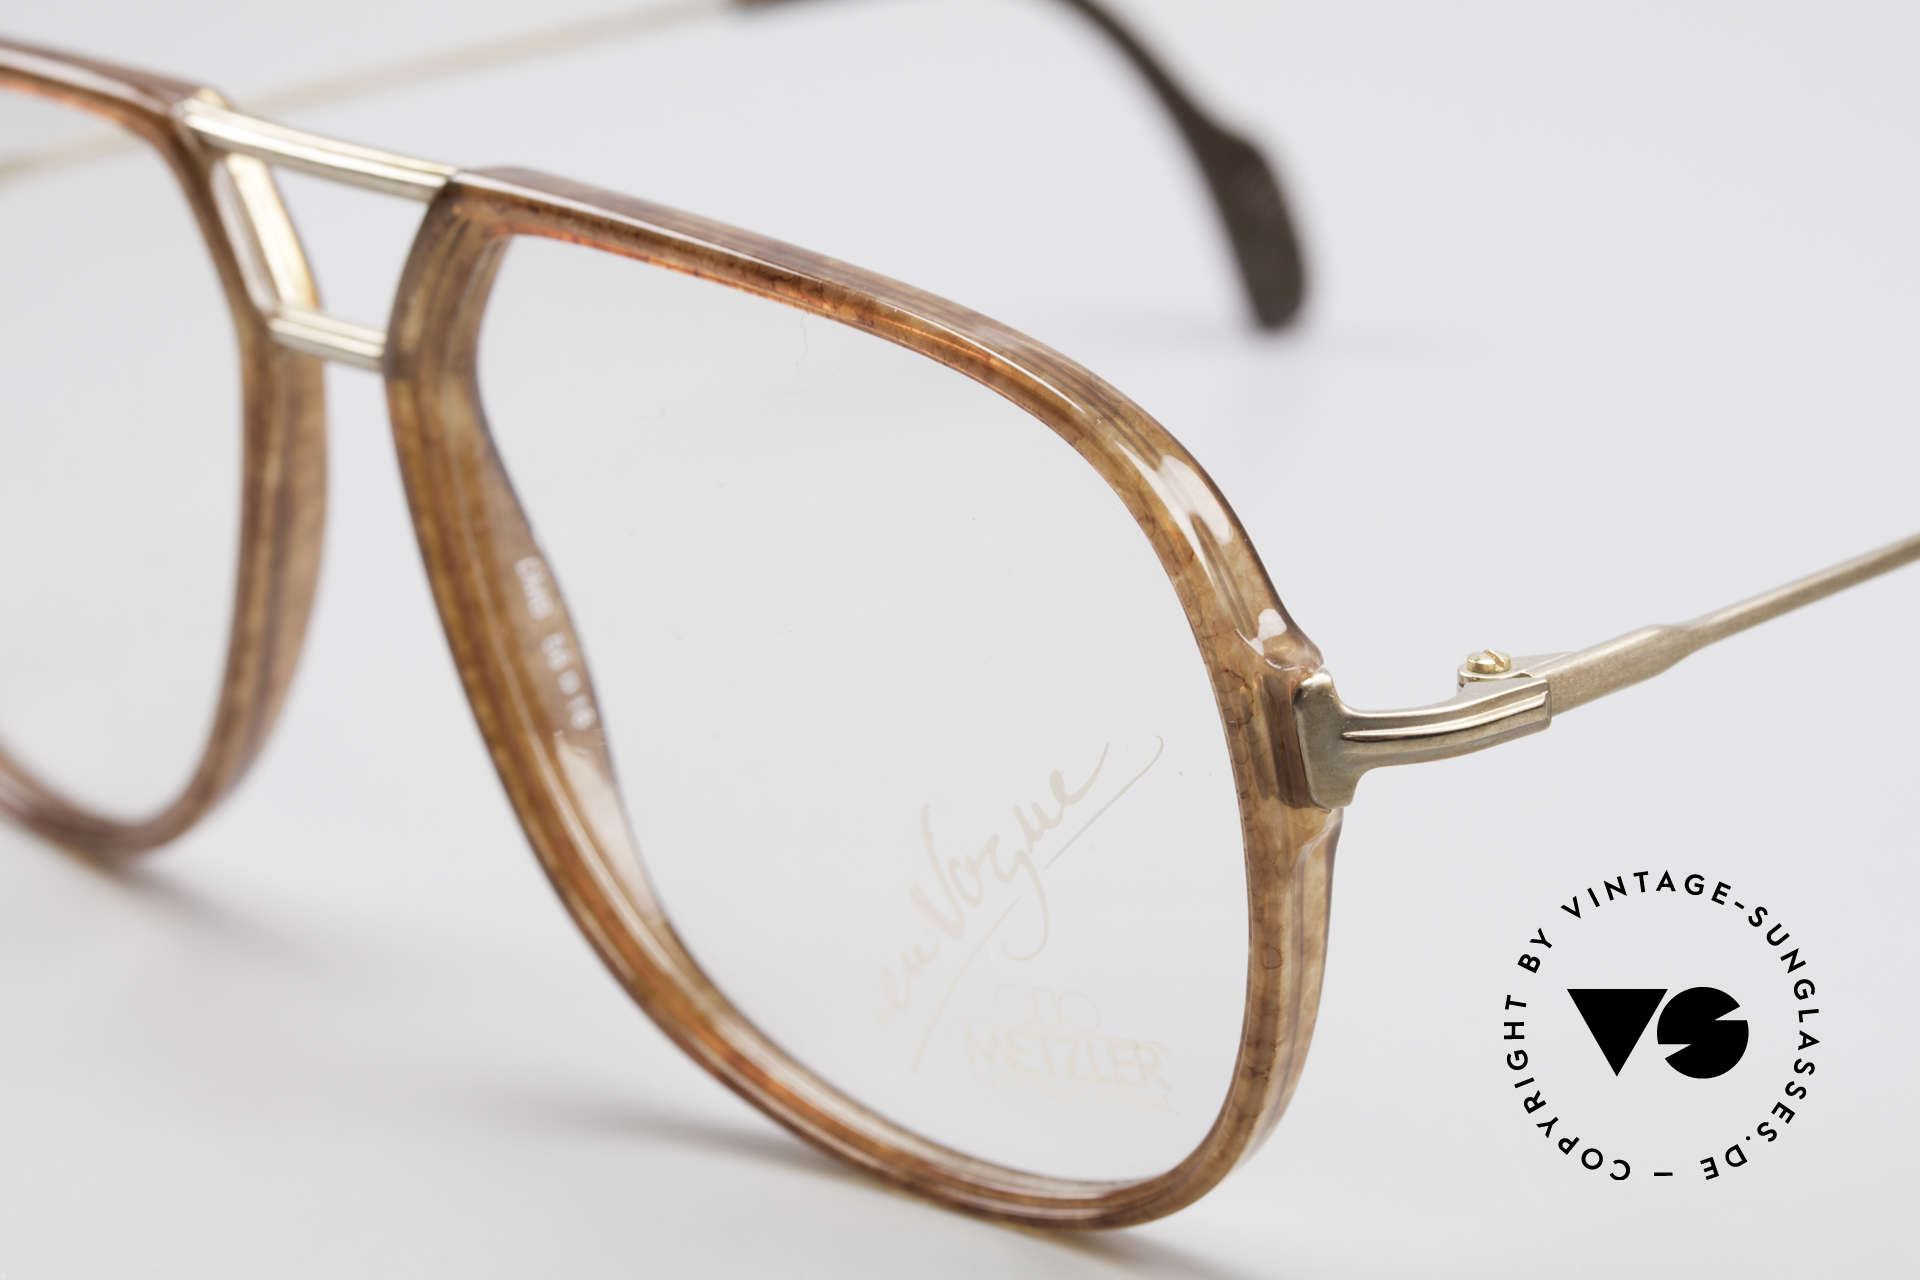 Metzler 0664 80's En Vogue Vintage Glasses, NO RETRO GLASSES, but authentic old 1980's frame, Made for Men